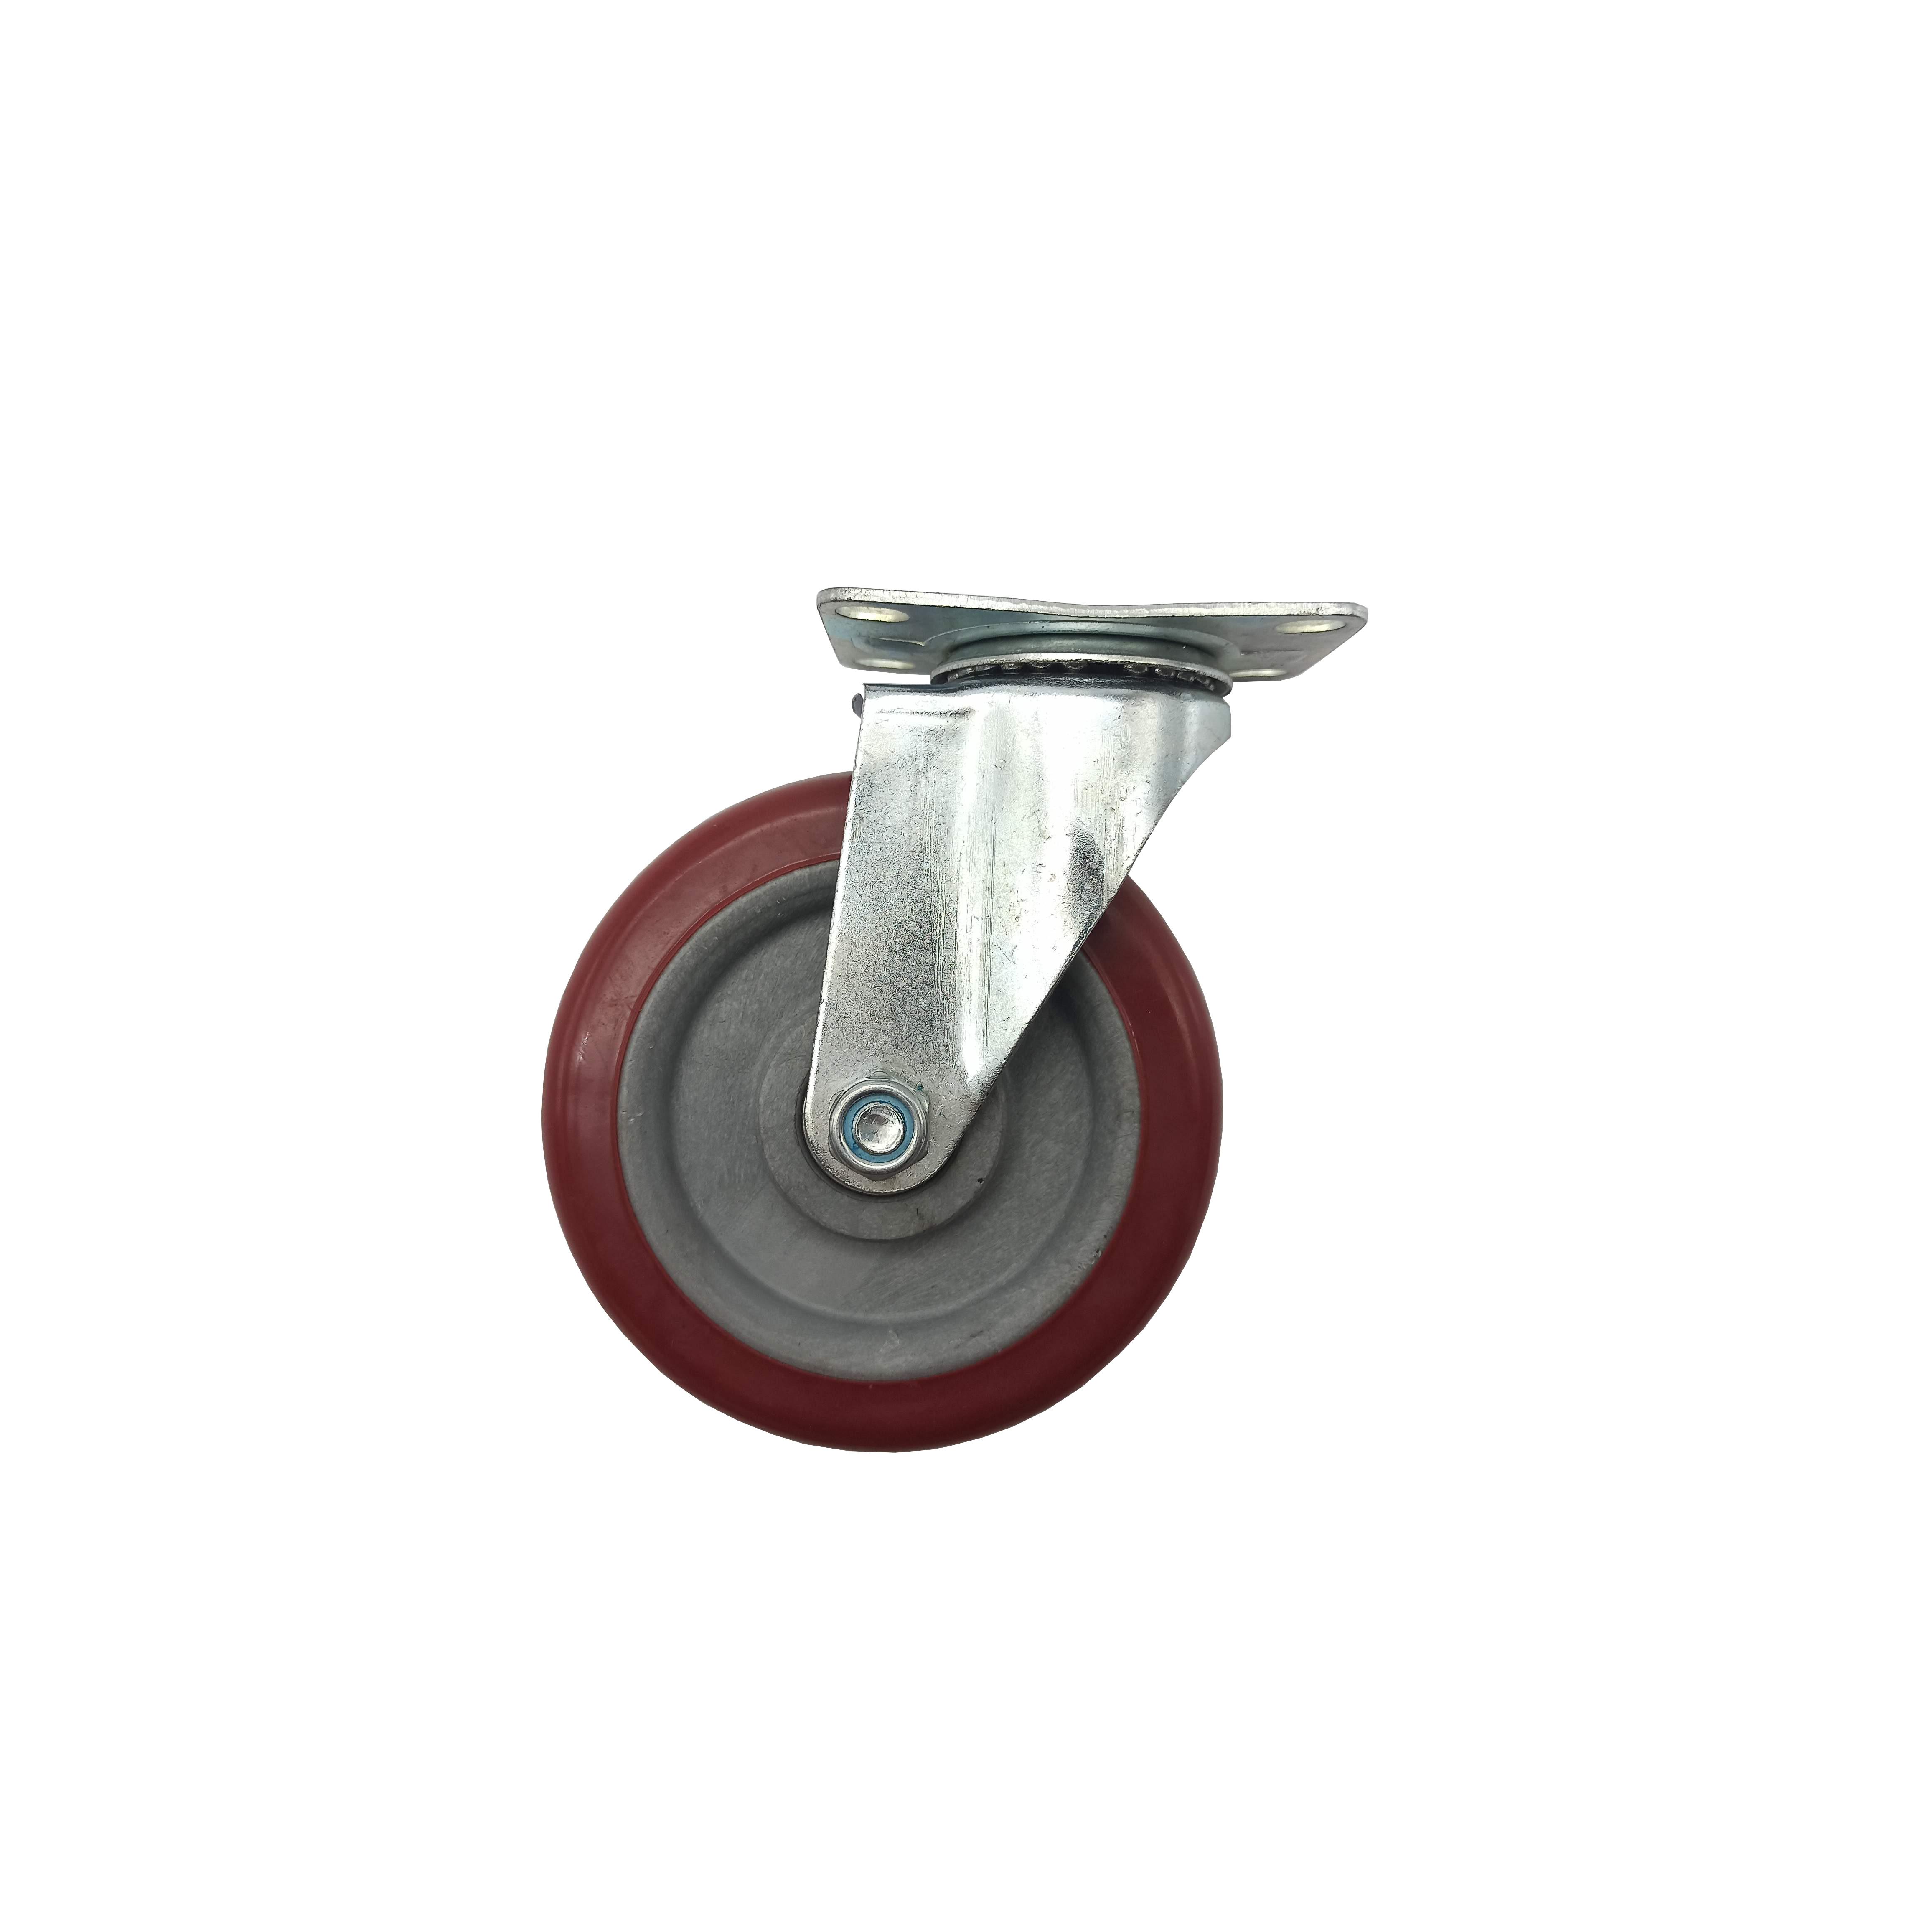 Bánh xe đẩy mặt đế xoay càng sắt mạ kền tải trọng 65kg lốp nhựa TPR đỏ mận rộng 32mm Φ120mm